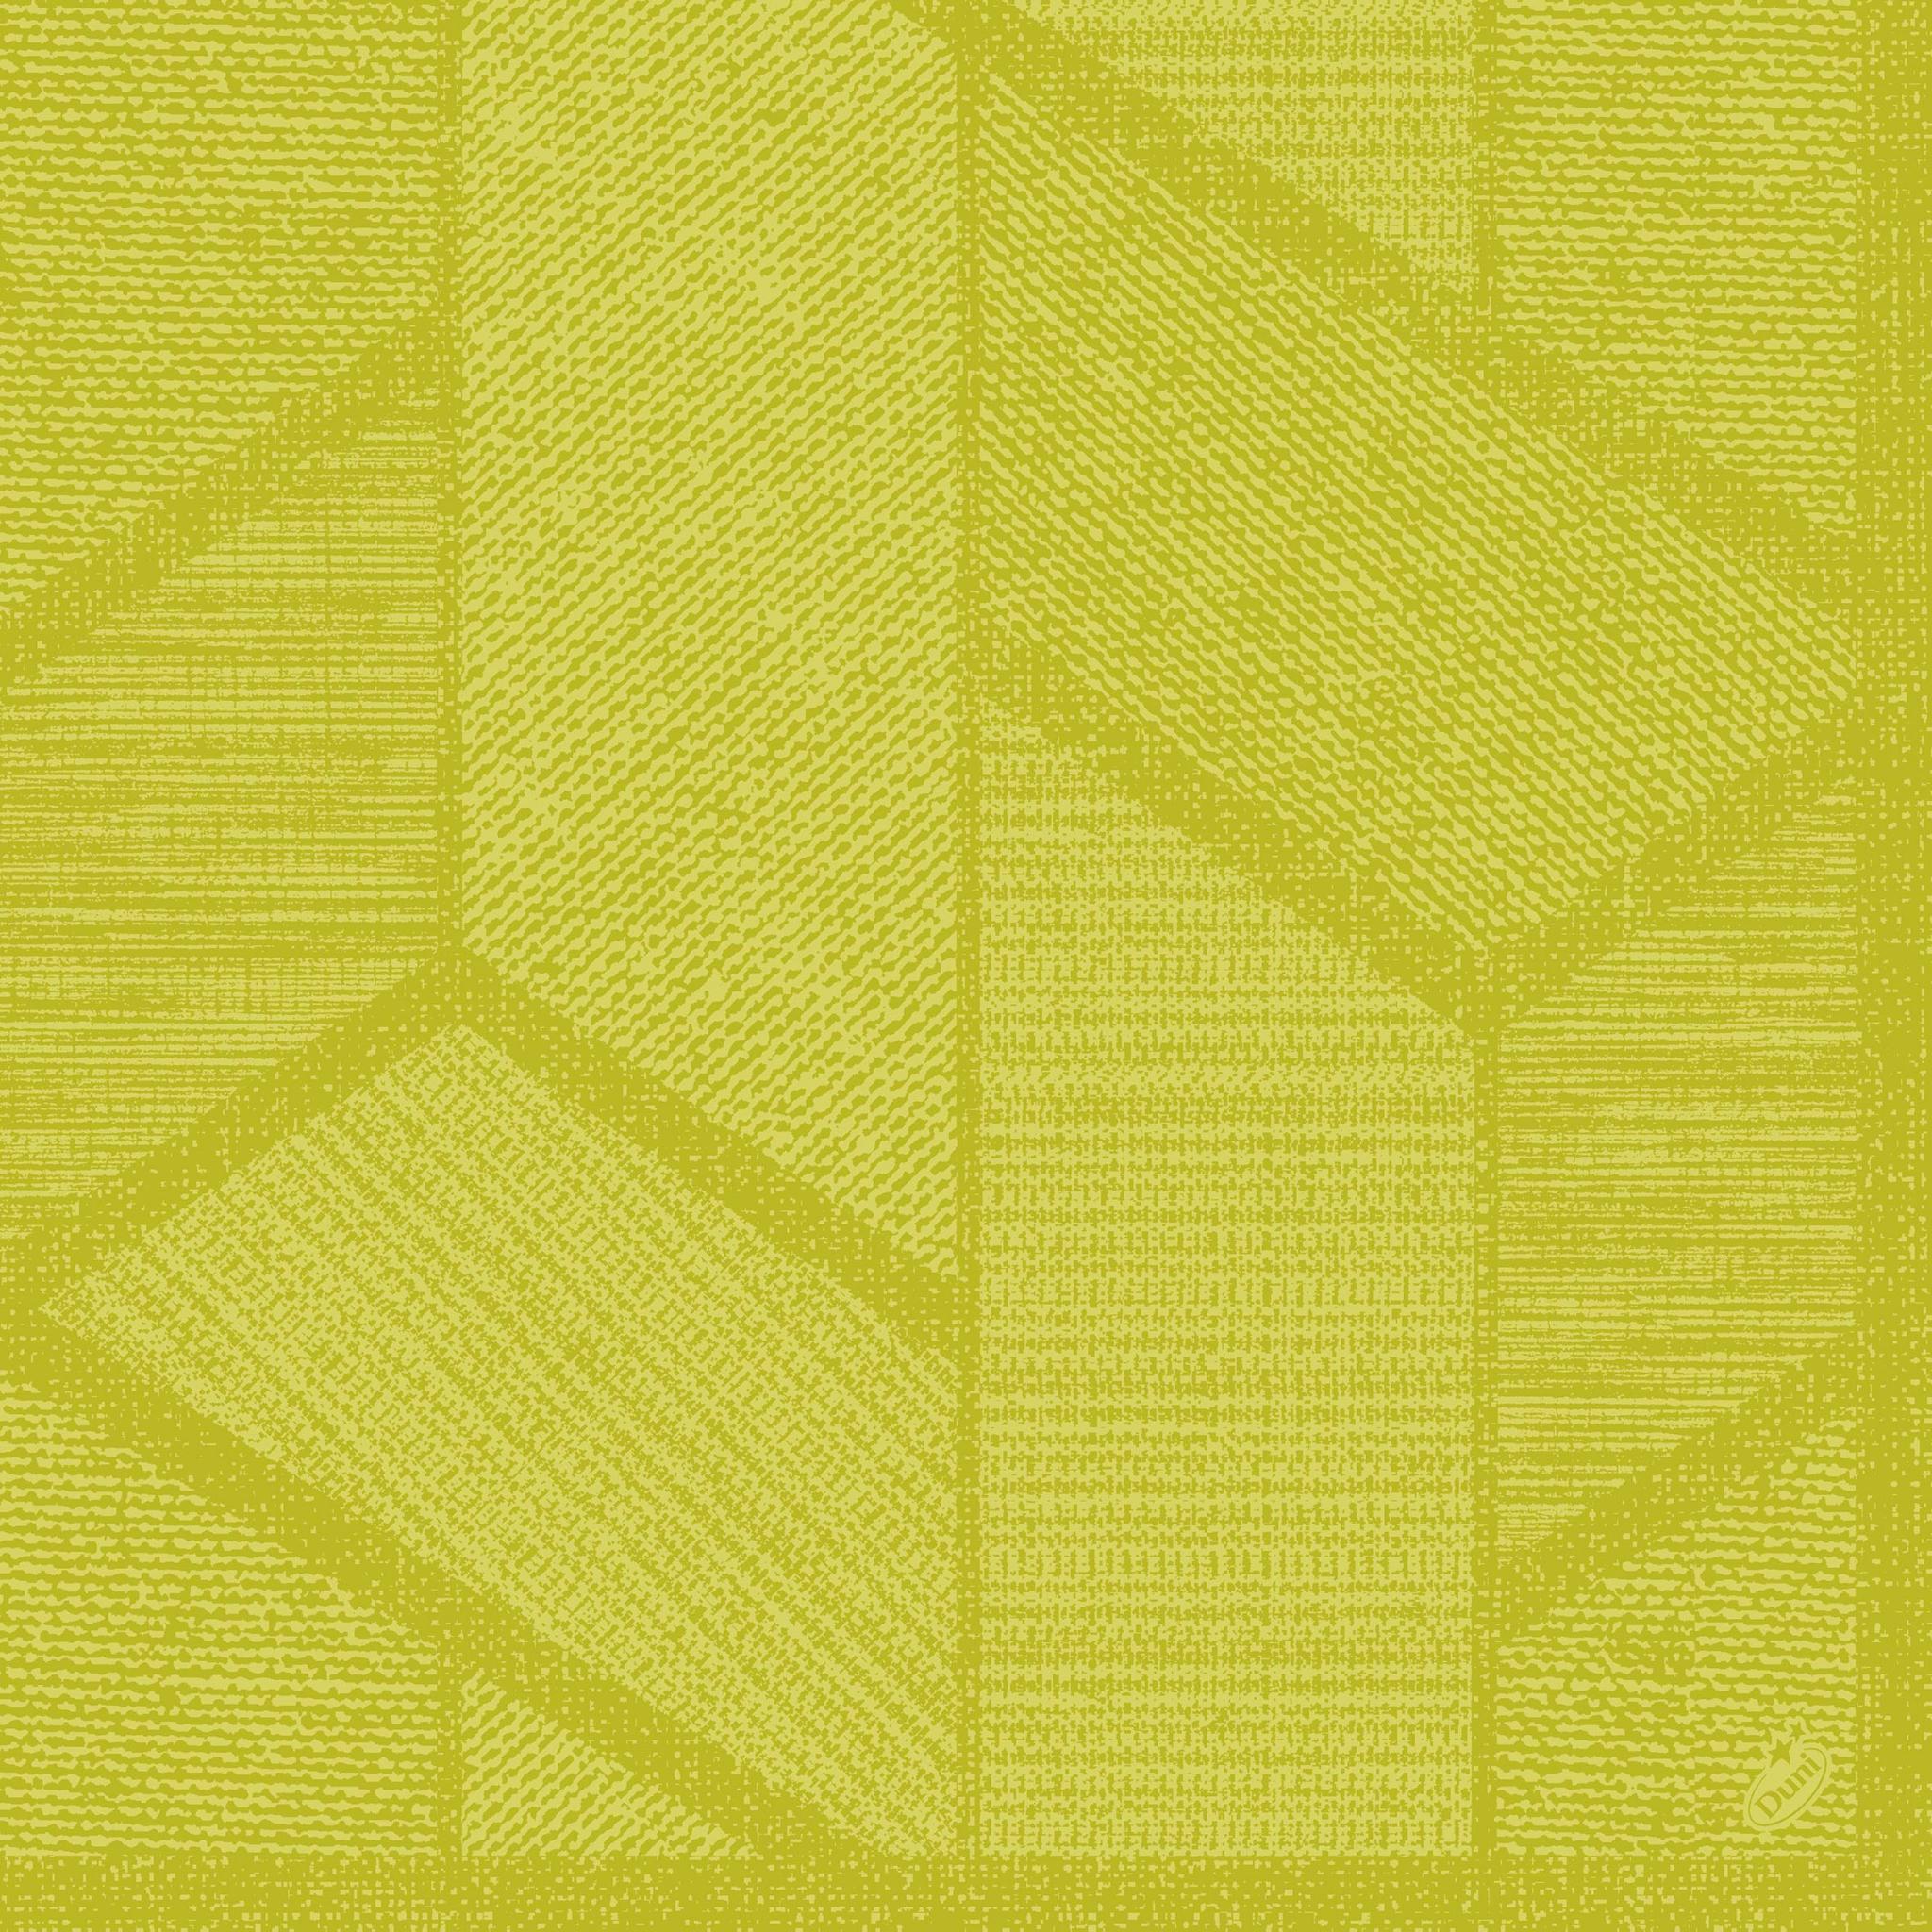 Dunisoft napkins 40x40 cm - Elwin kiwi